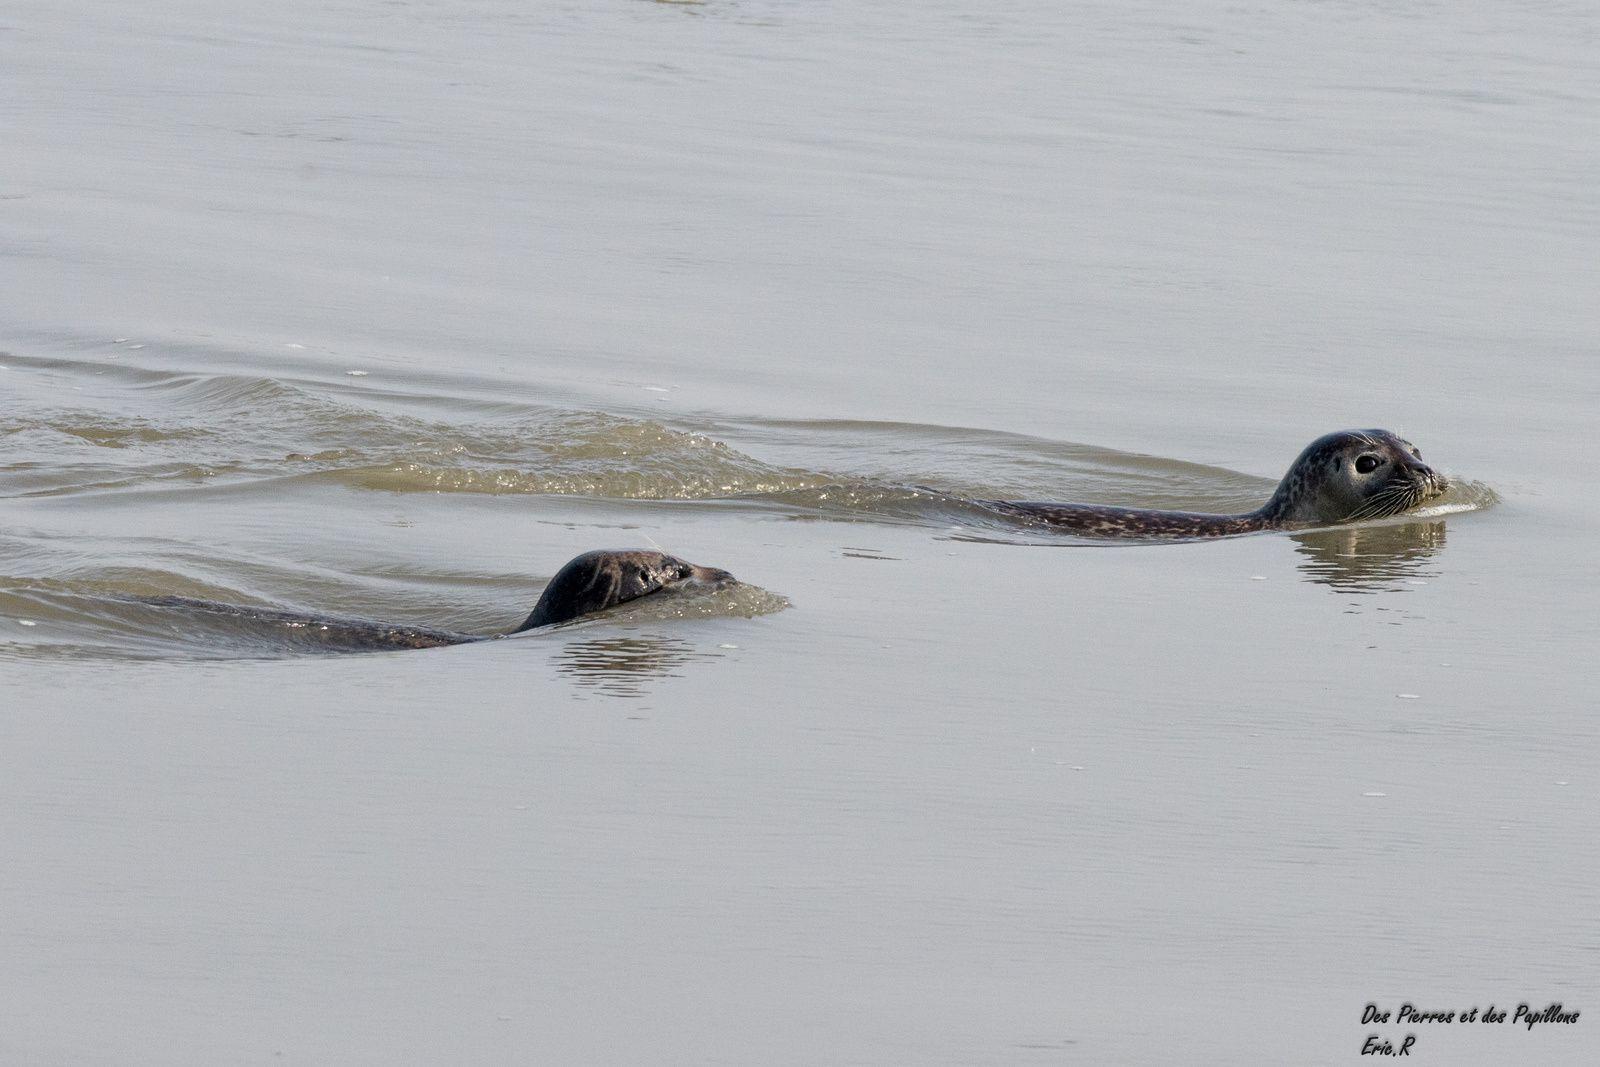 Phoques arrivant à la nage.